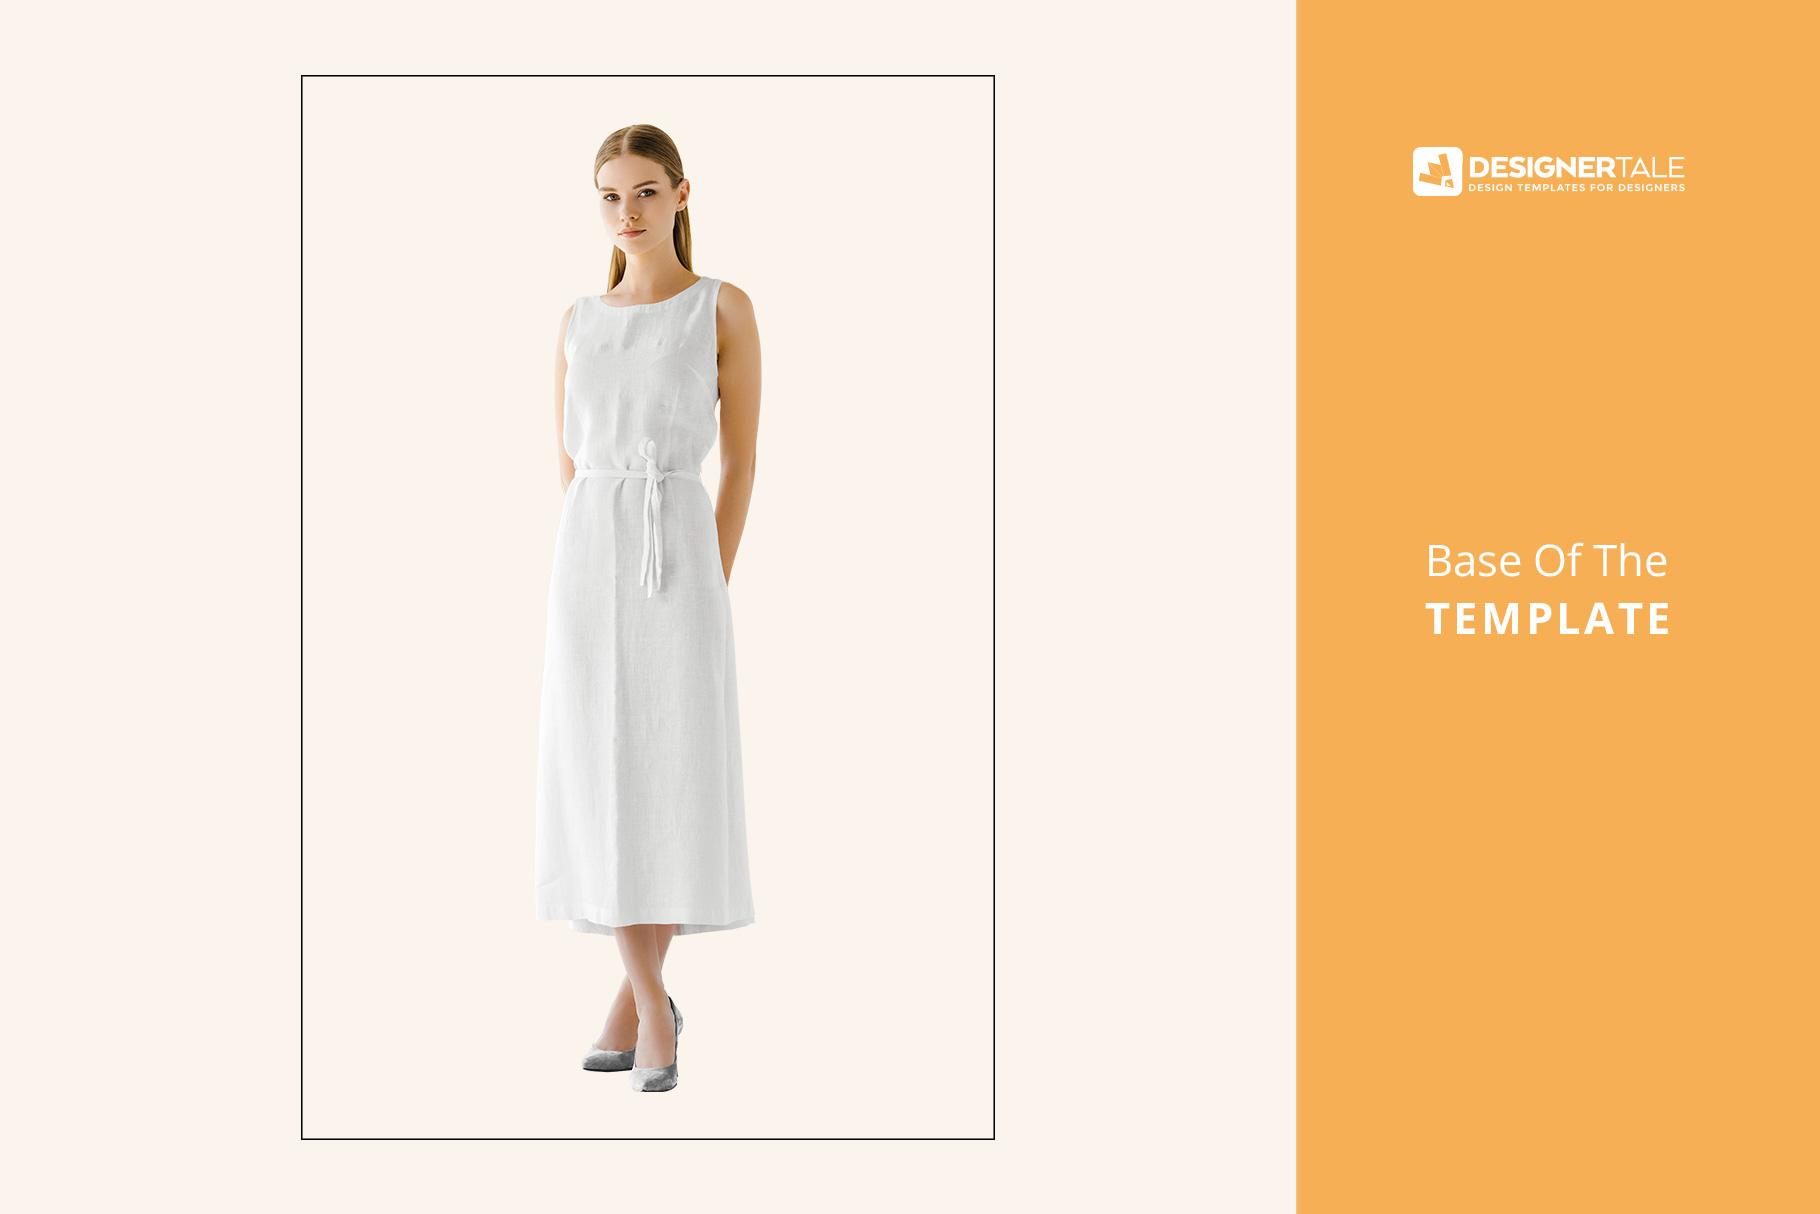 base image of women's sleeveless summer dress mockup